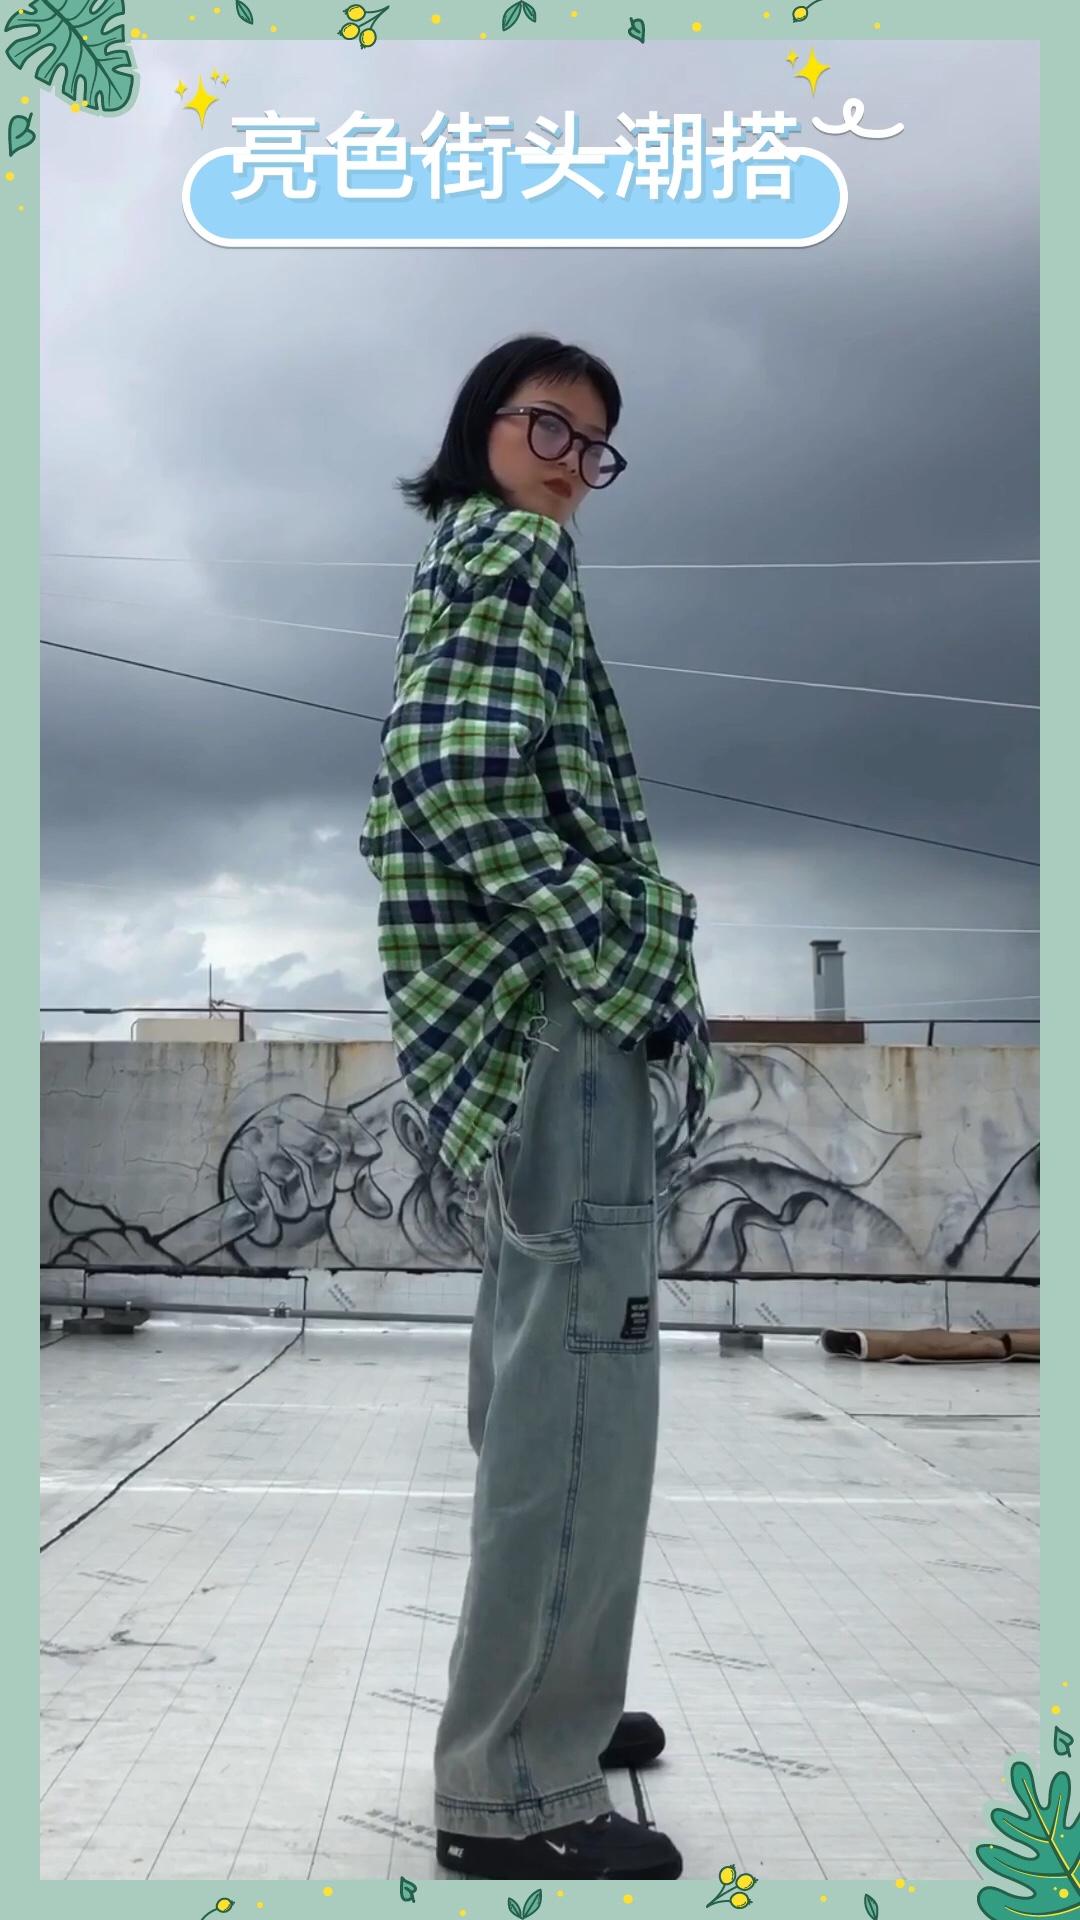 #换季吸睛:薄外套上线# 亮色潮流搭配 绿色格子衬衫+牛仔阔腿裤+小解构 衬衫当做外套或者内搭都ok